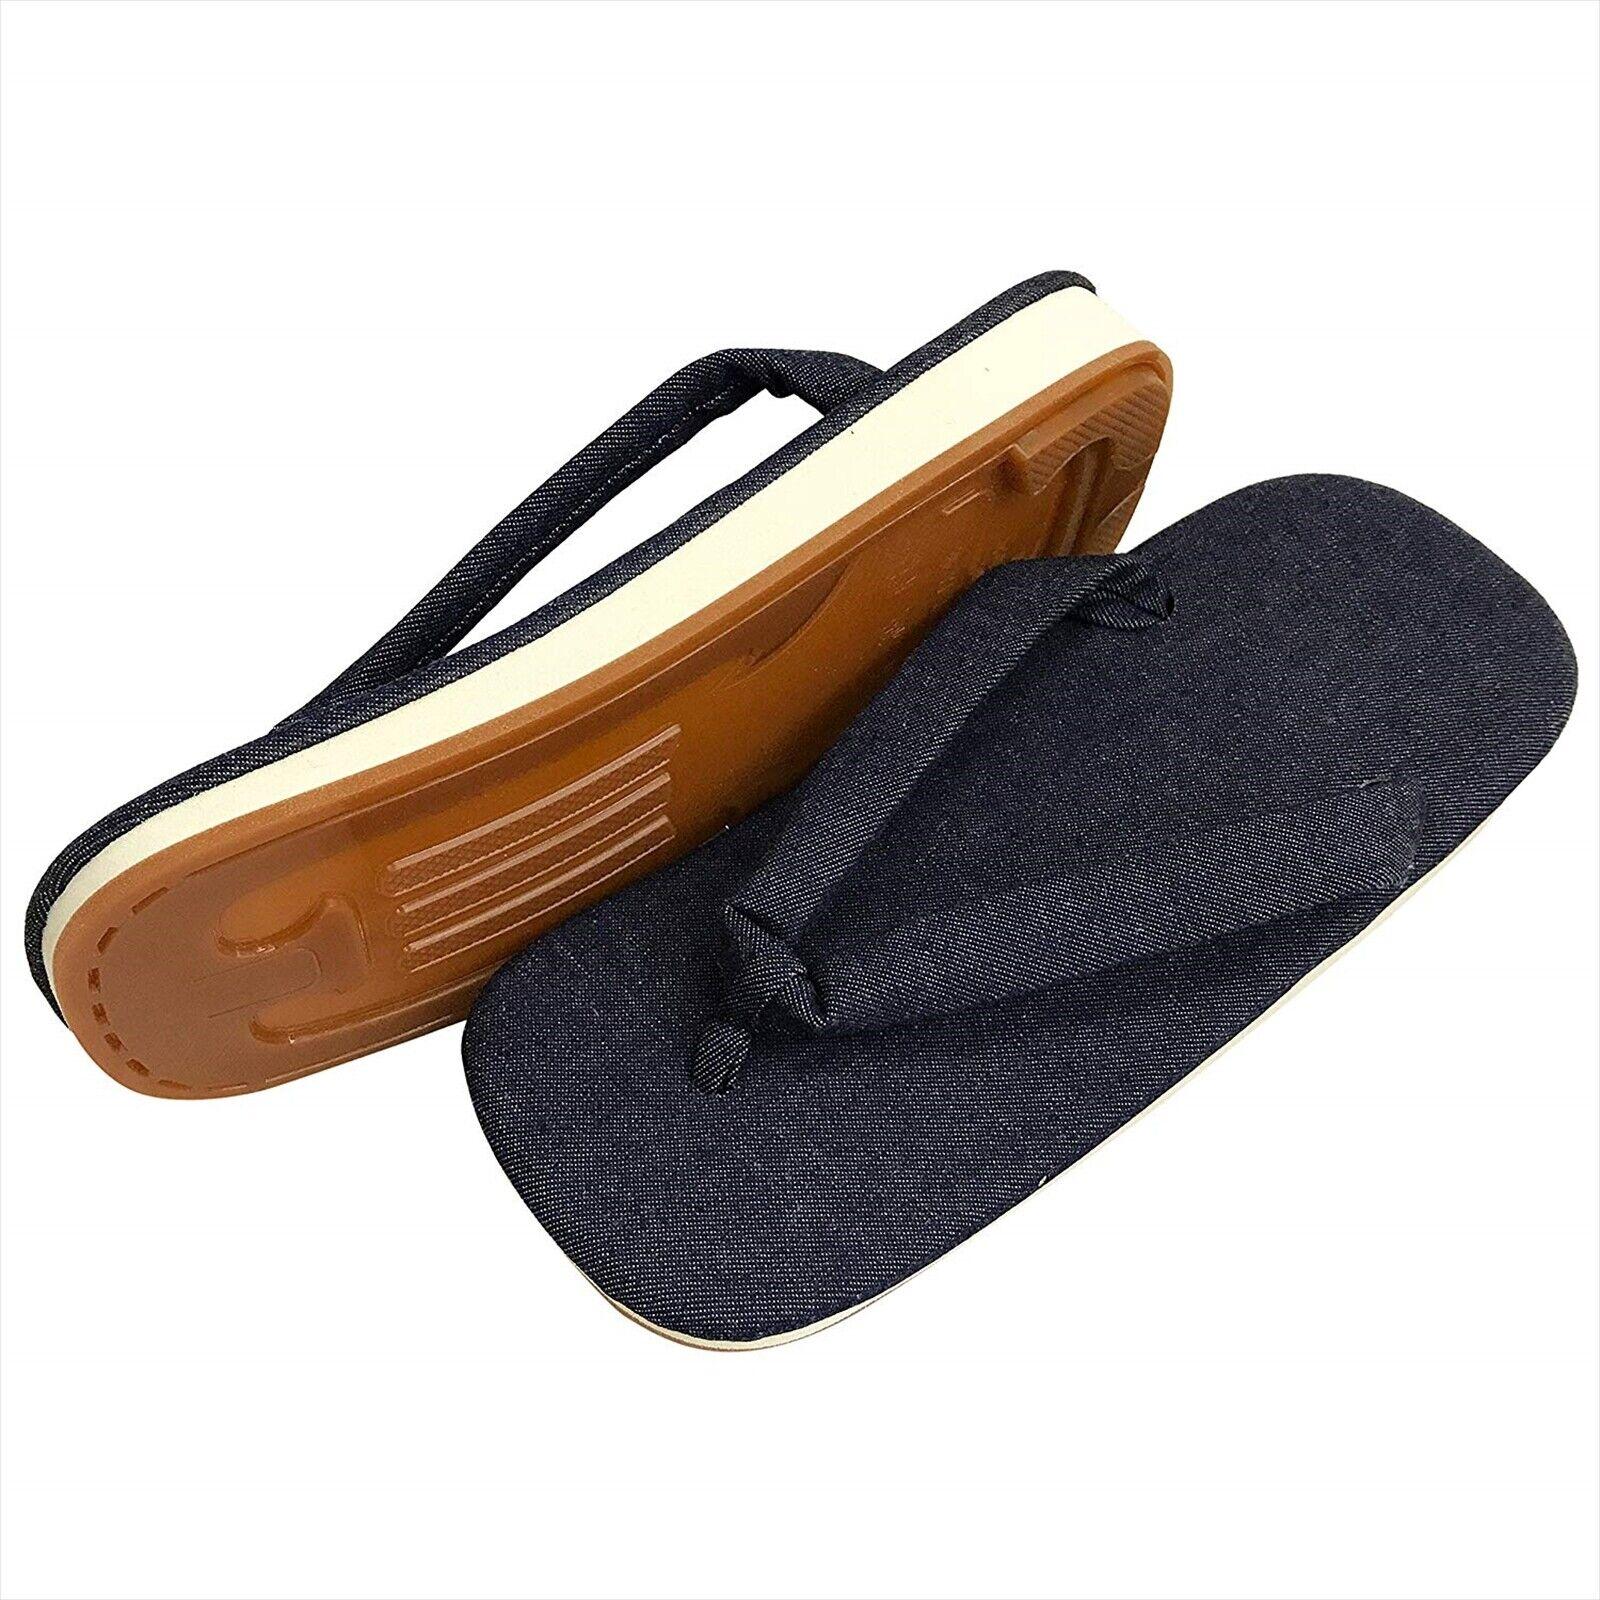 Sandalias japonés Setta Calzados Hombre Denim Tamaño L hecho en Japón